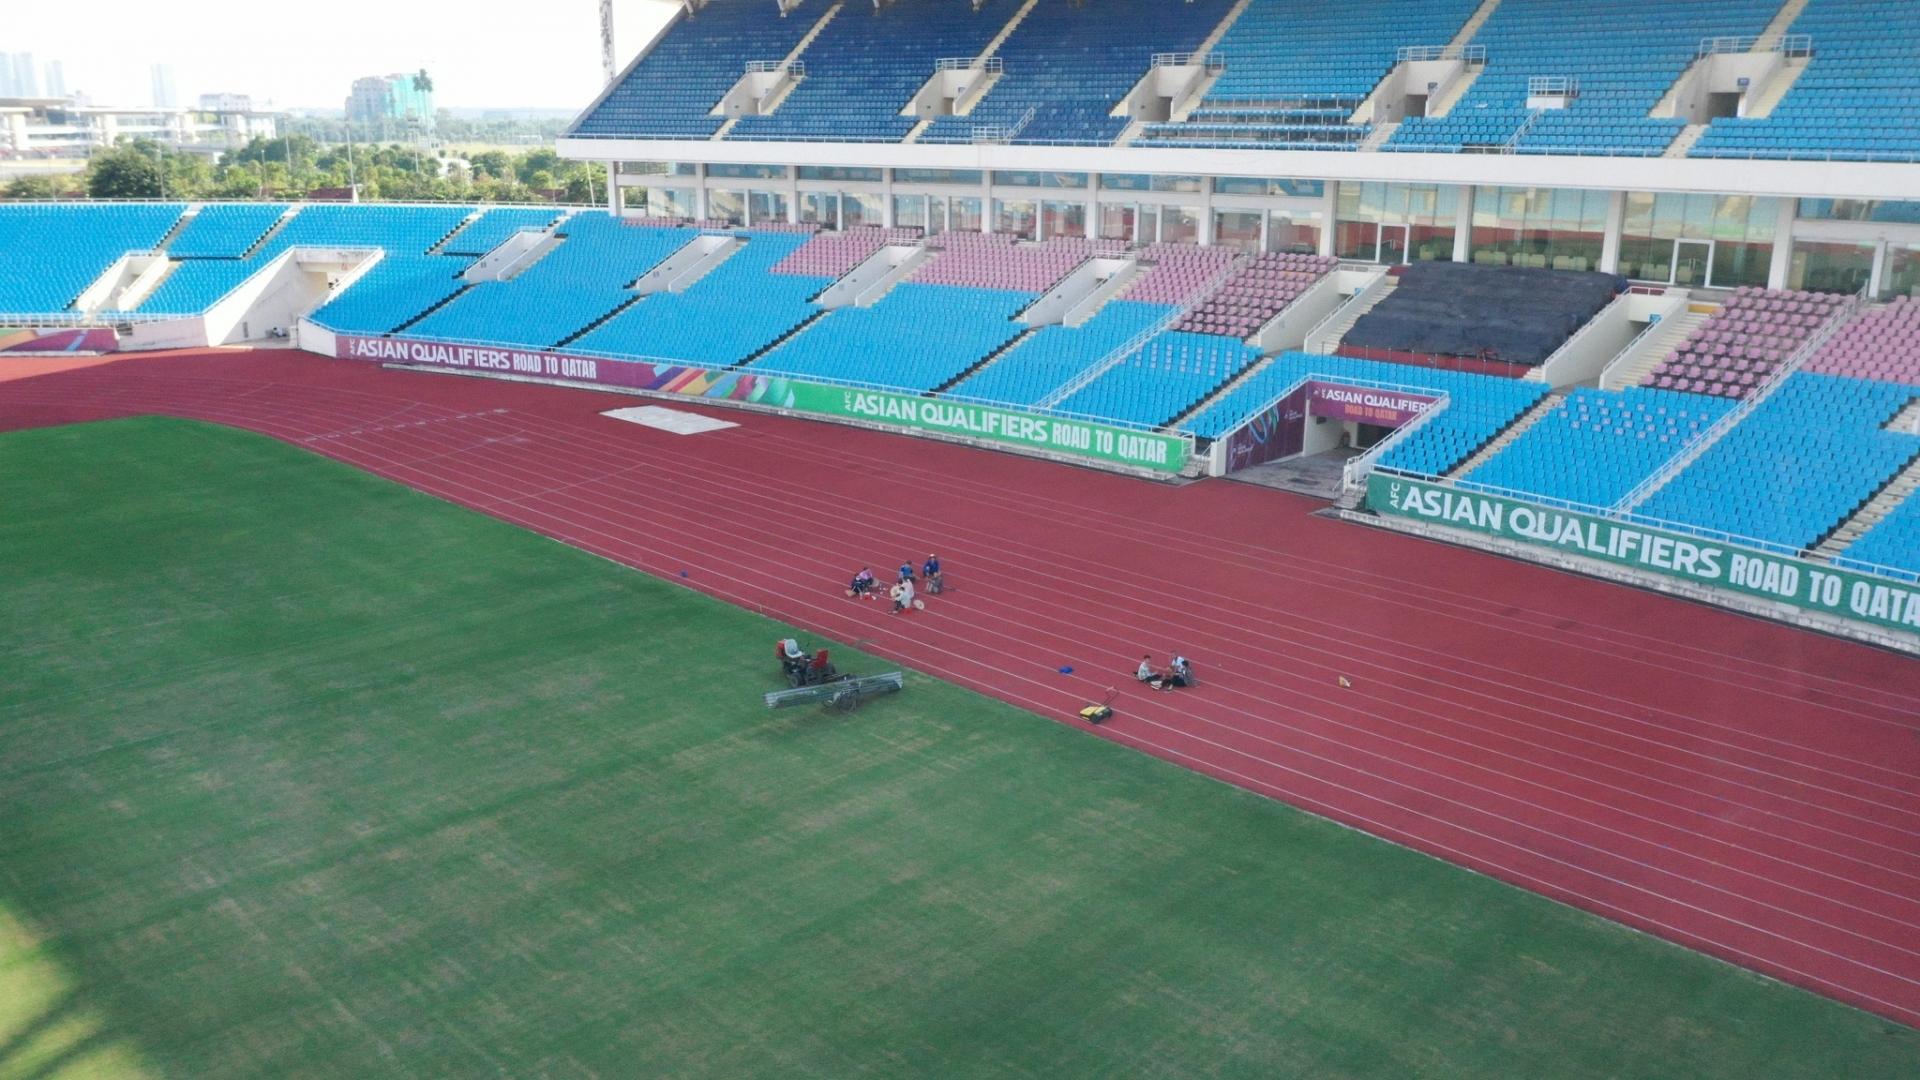 Sân Mỹ Đình xanh mượt cỏ mới, chạy đua nâng cấp với sân Lạch Tray, chờ quyết định của AFC 1